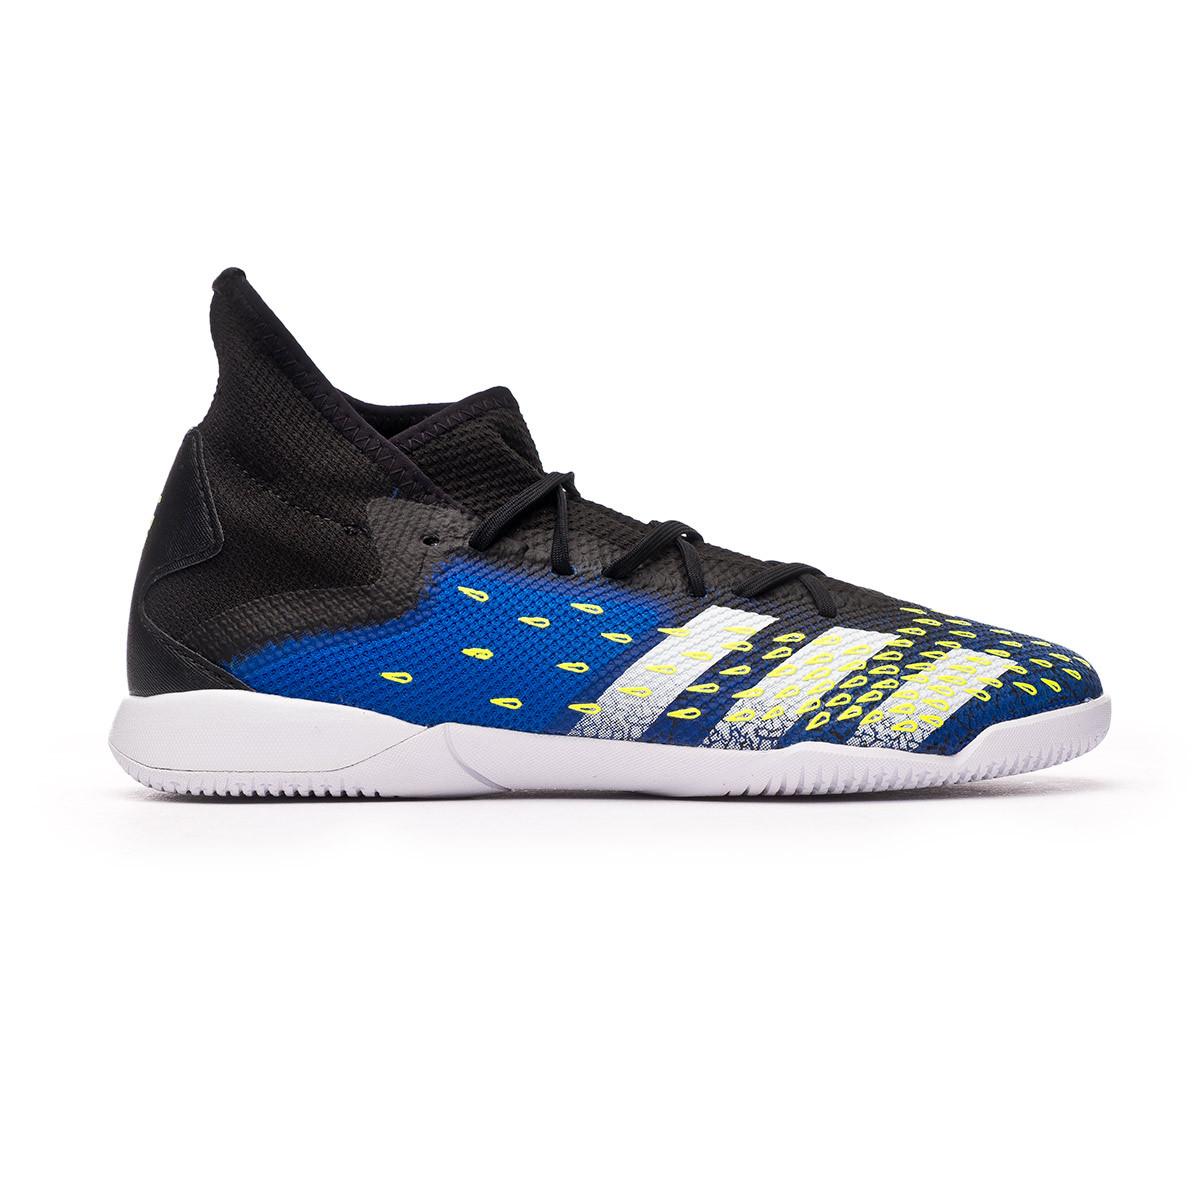 Chaussure de futsal adidas Predator Freak .3 IN